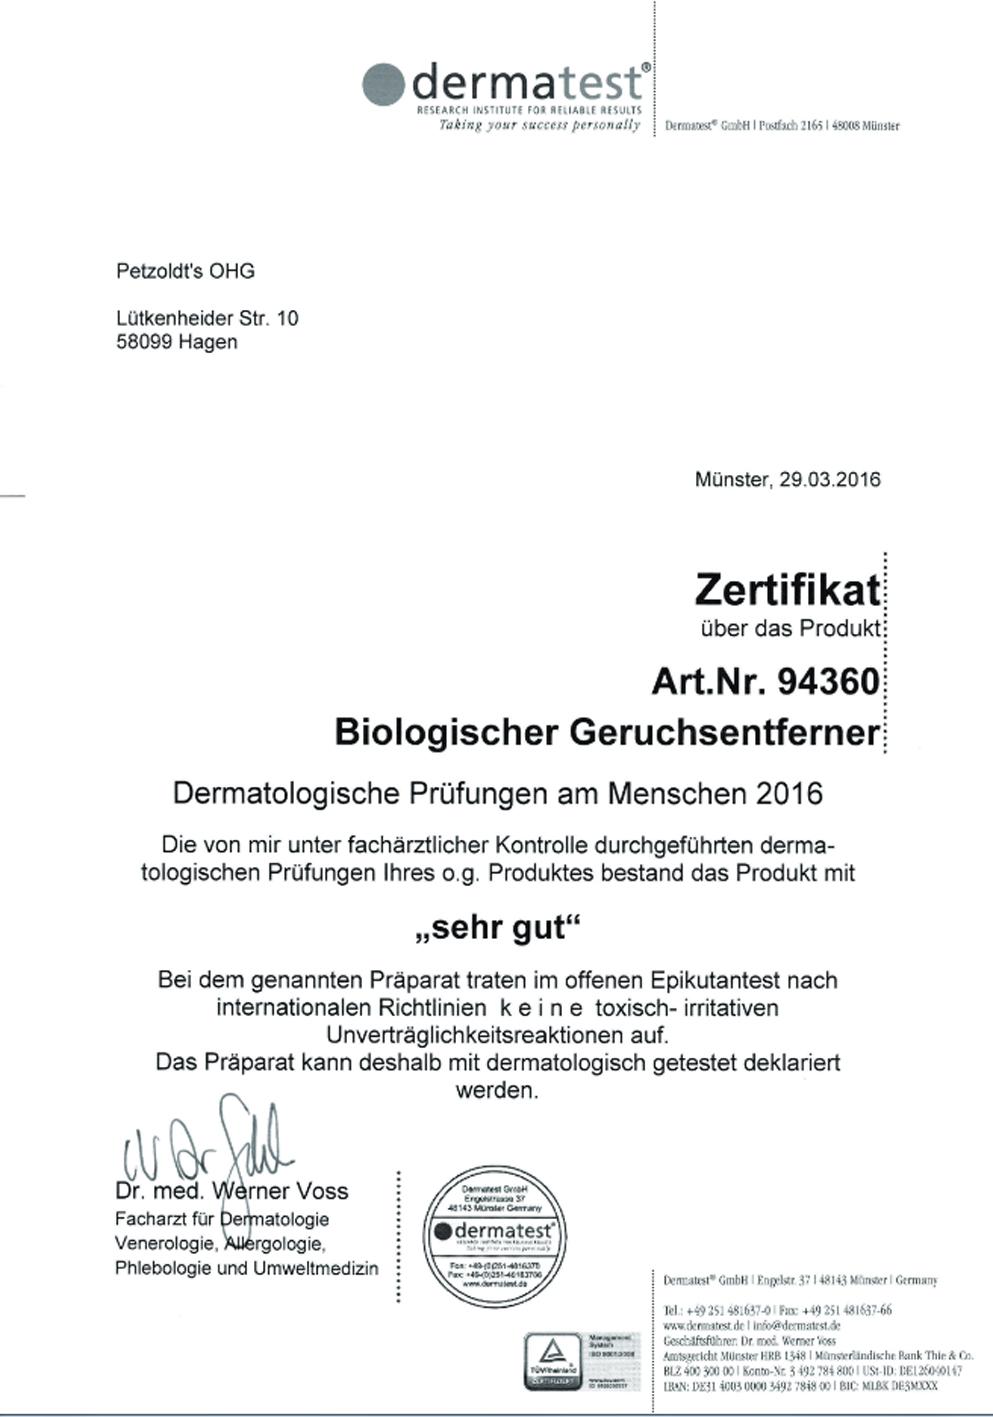 Biologischer Geruchsentferner, Petzoldts